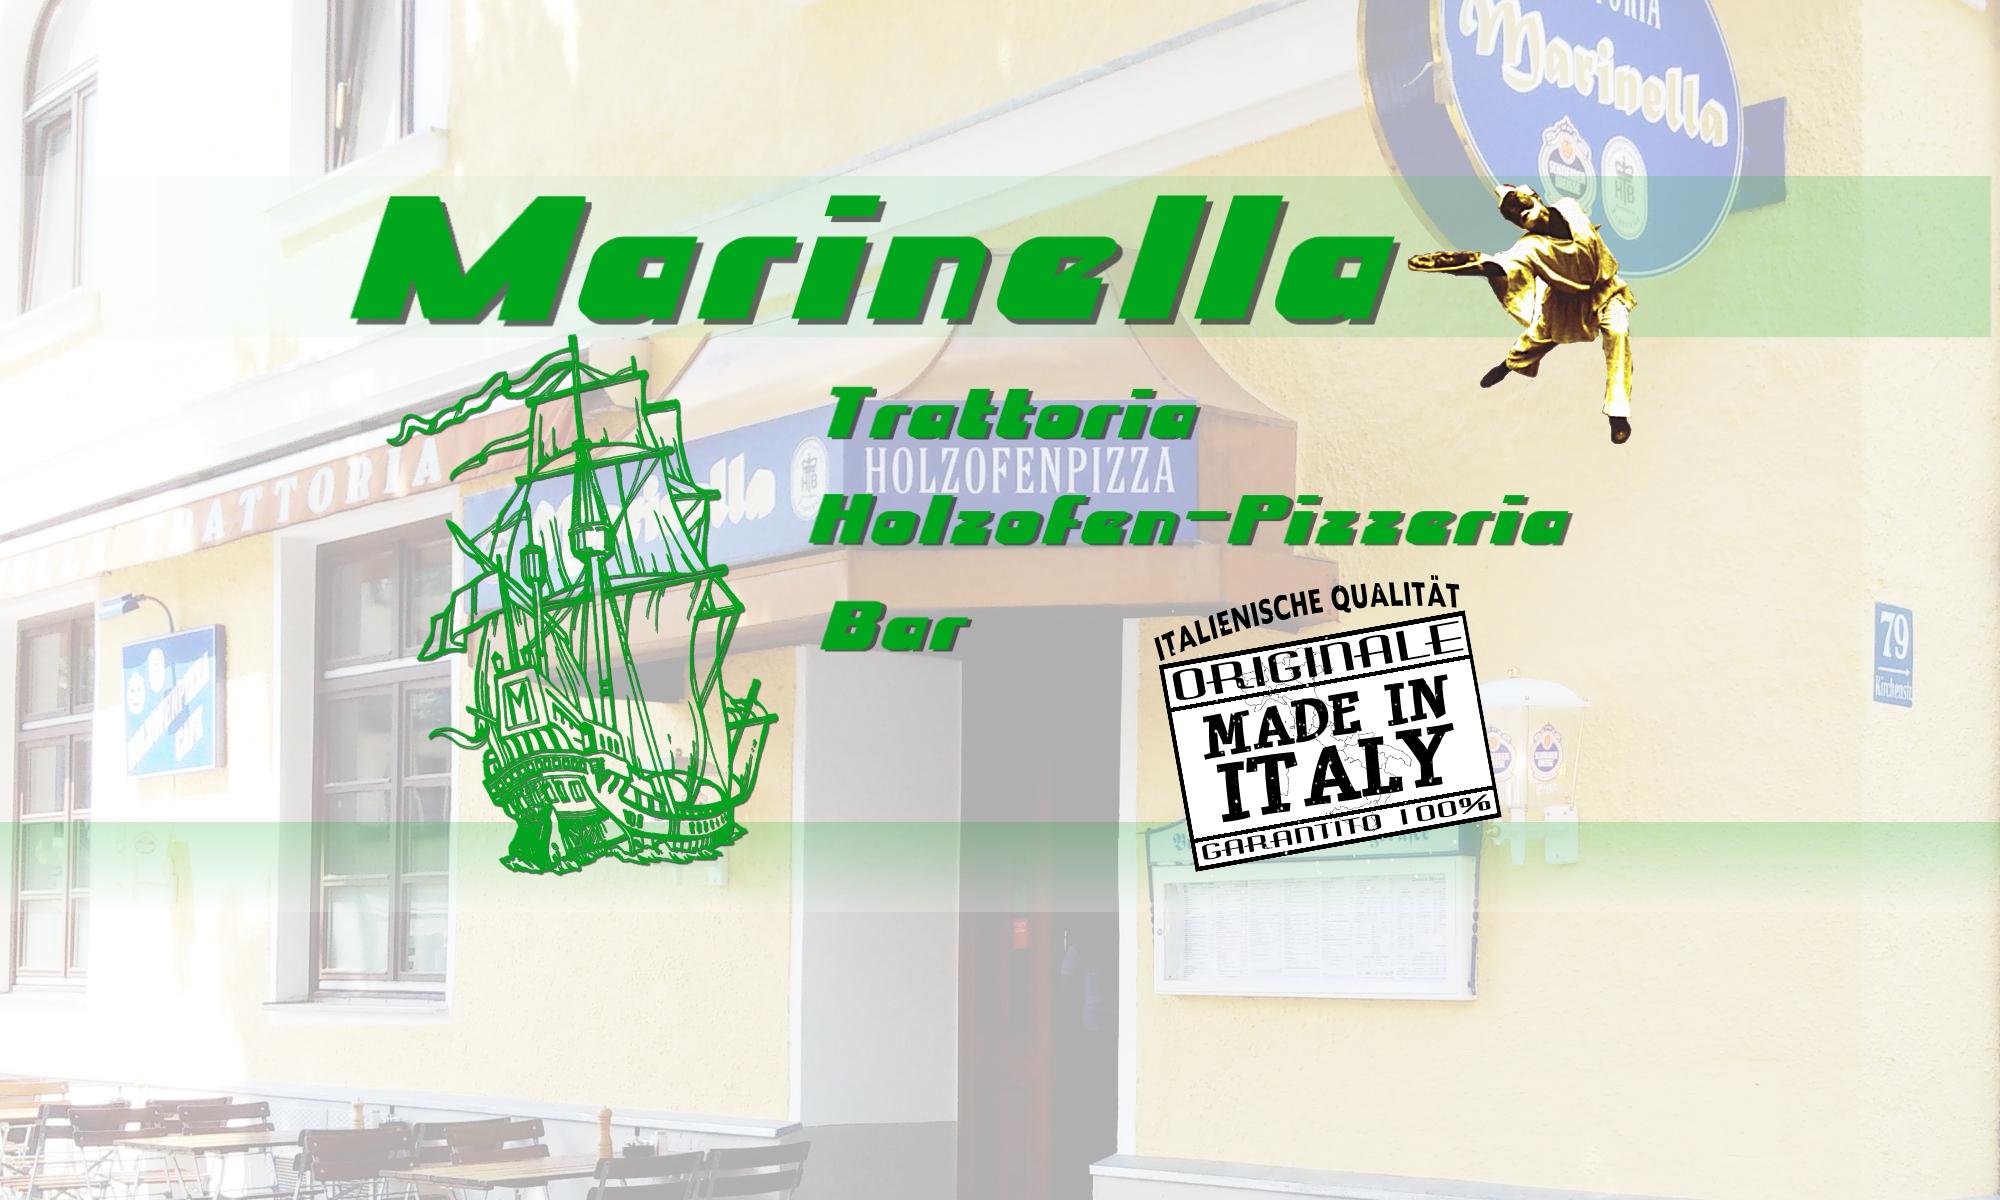 Marinella Trattoria Holzofen-Pizzeria